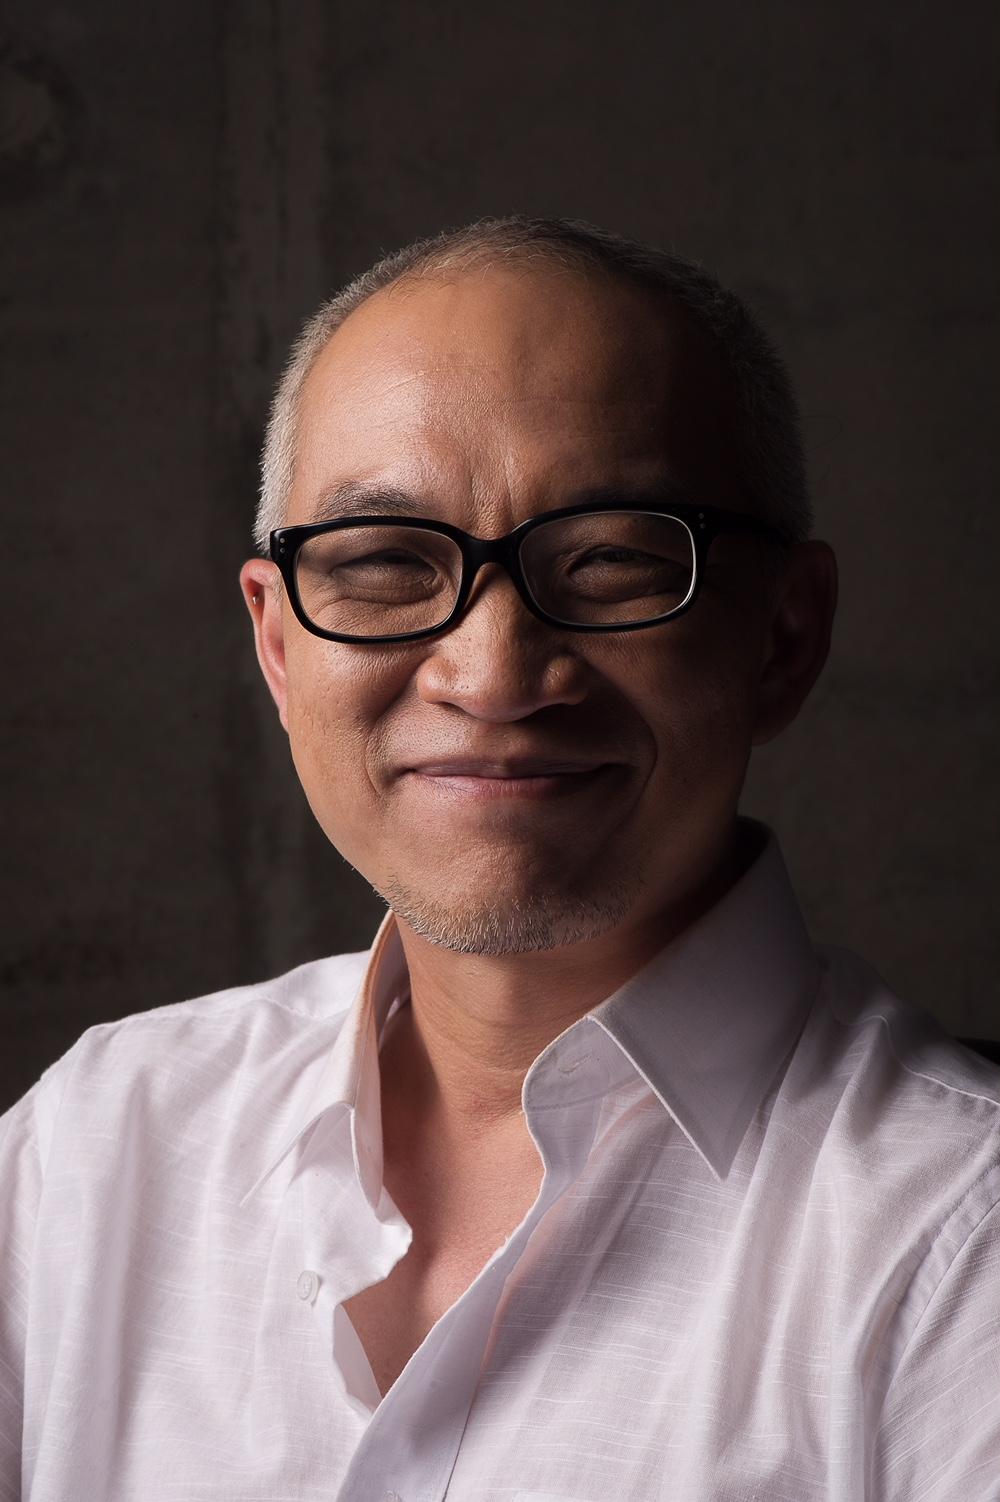 John Badalu John Badulu is min of meer per ongeluk in de filmindustrie terecht gekomen. Hij studeerde economie gericht op marketing management voordat hij een postdoctorale opleiding begon in Nieuwe Media aan de DAMS University in Bologne, Italië. Hij is een van de oprichters van het controversiële Q! Filmfestival, een LHBT-filmfestival in het overwegend islamitische Indonesië. Eerder werkte hij als theatermanager voor het Goethe Instituut Jakarta en als cultureel assistent voor het Instituto Italiano Di Cultura. Badalu werkt nu als festival afgevaardigde en programmeur voor Berlin Internationaal Film Festival, Shanghai International Film Festival en QCinema Film Festival (Filipijnen). Hij is tevens een onafhankelijk producer van vier korte- en zes feature films.